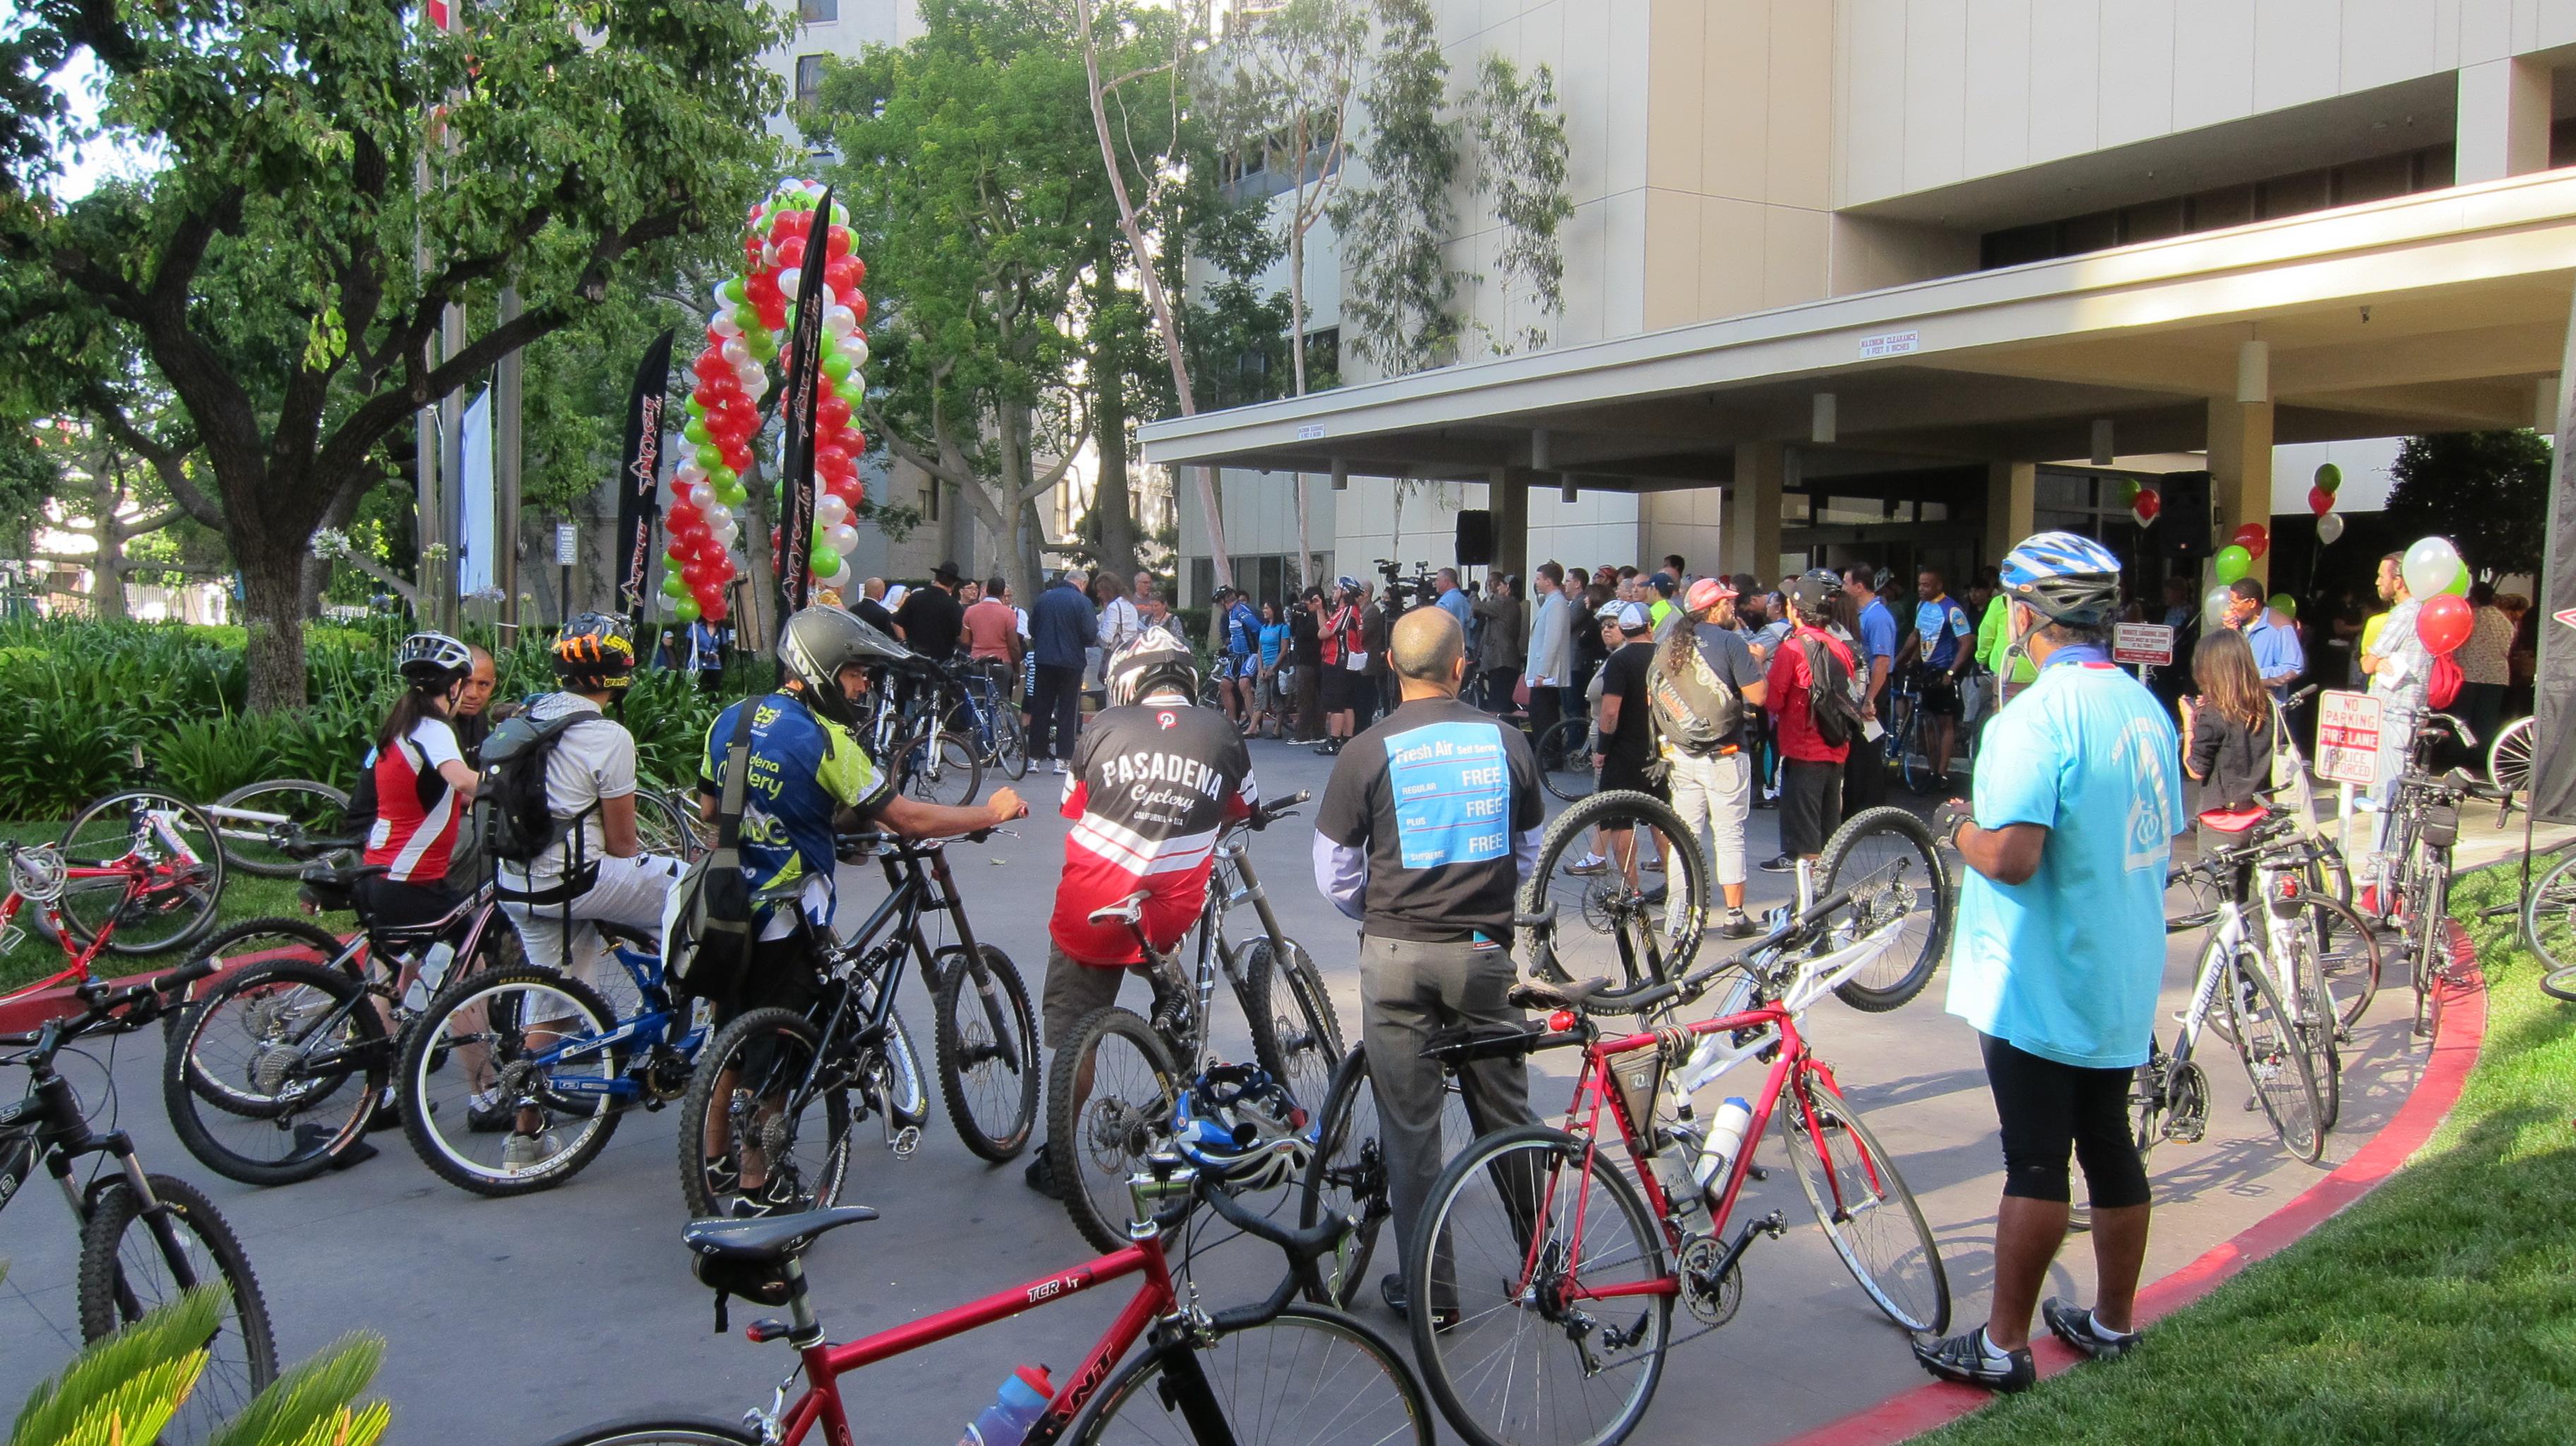 Los ciclistas listos para participar en la bendición de sus vehículos. (Foto Dave Sotero/El Pasajero).